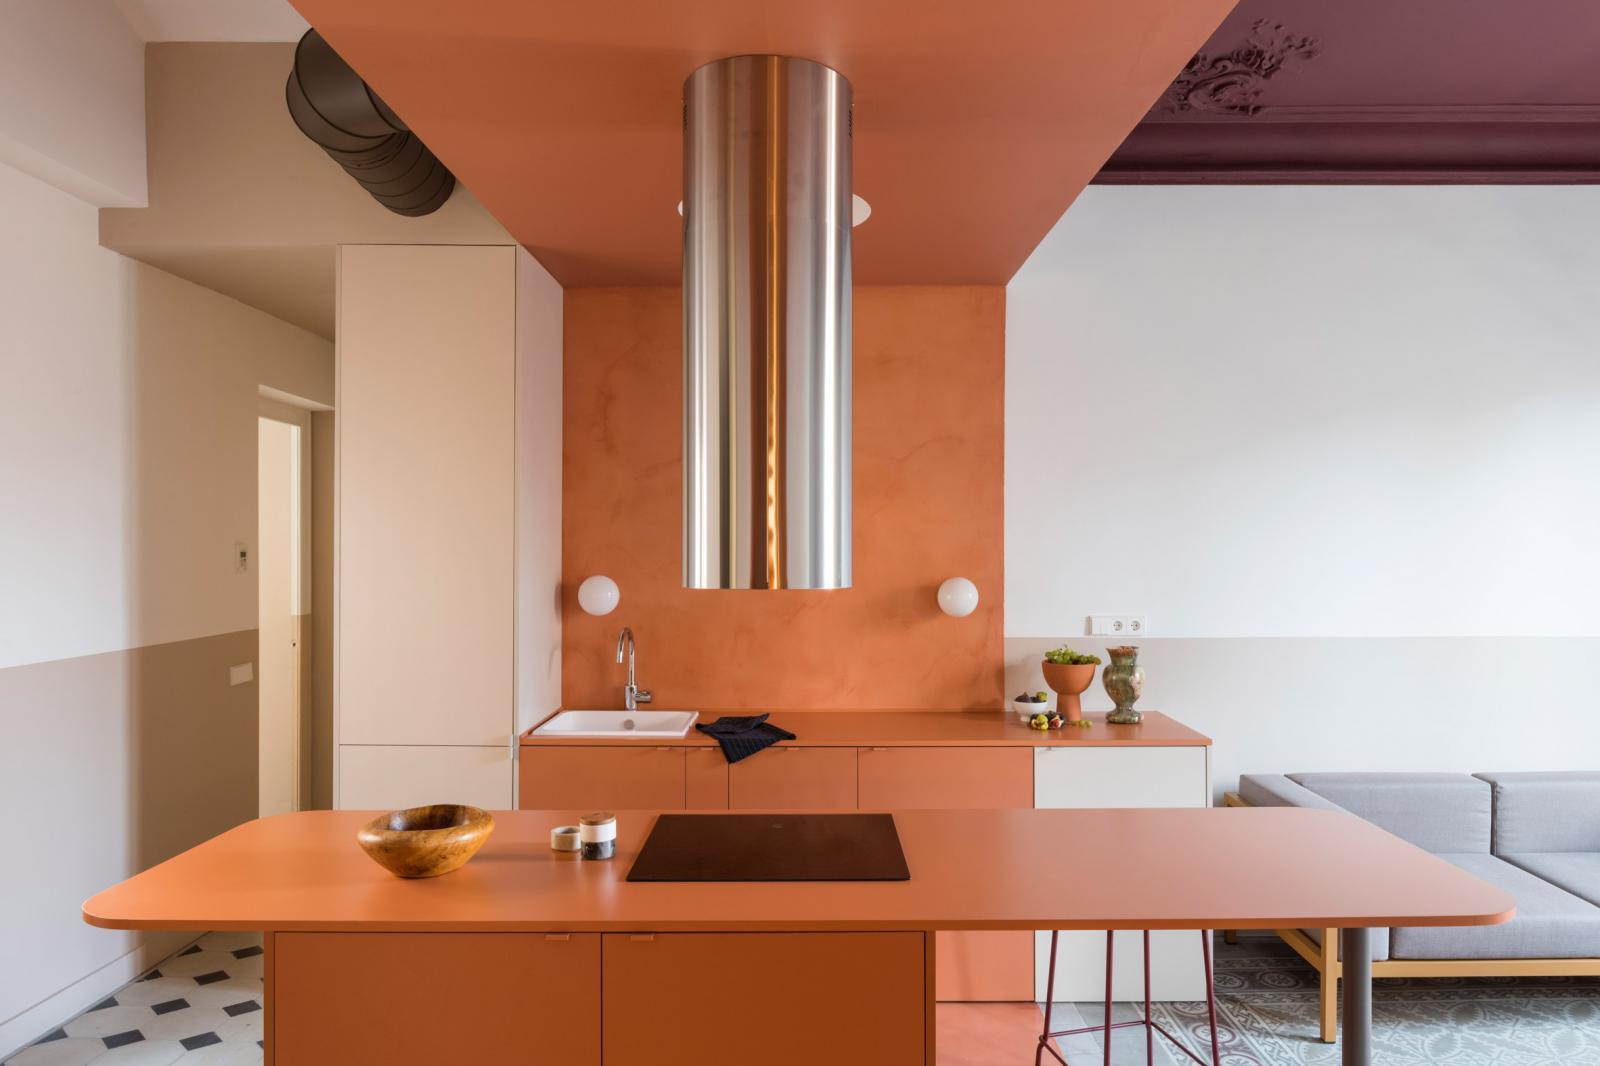 Phòng bếp gây ấn tượng ngay từ cái nhìn đầu tiên bởi thiết kế bàn đảo thông minh và tông màu cam đất nổi bật.